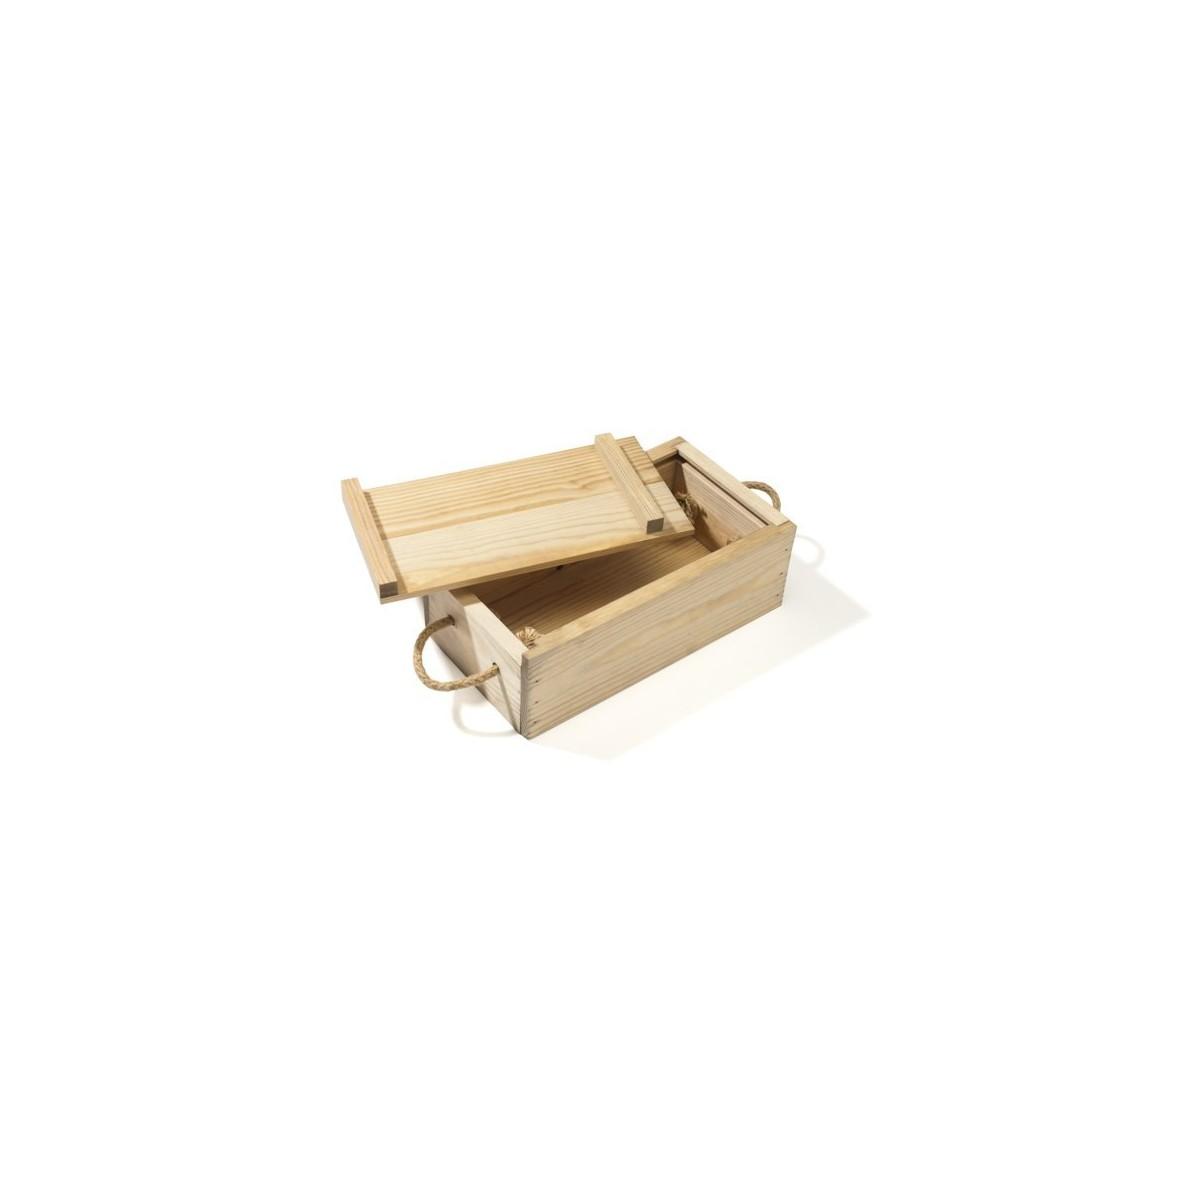 coffret en bois achat vente boite de rangement en bois. Black Bedroom Furniture Sets. Home Design Ideas